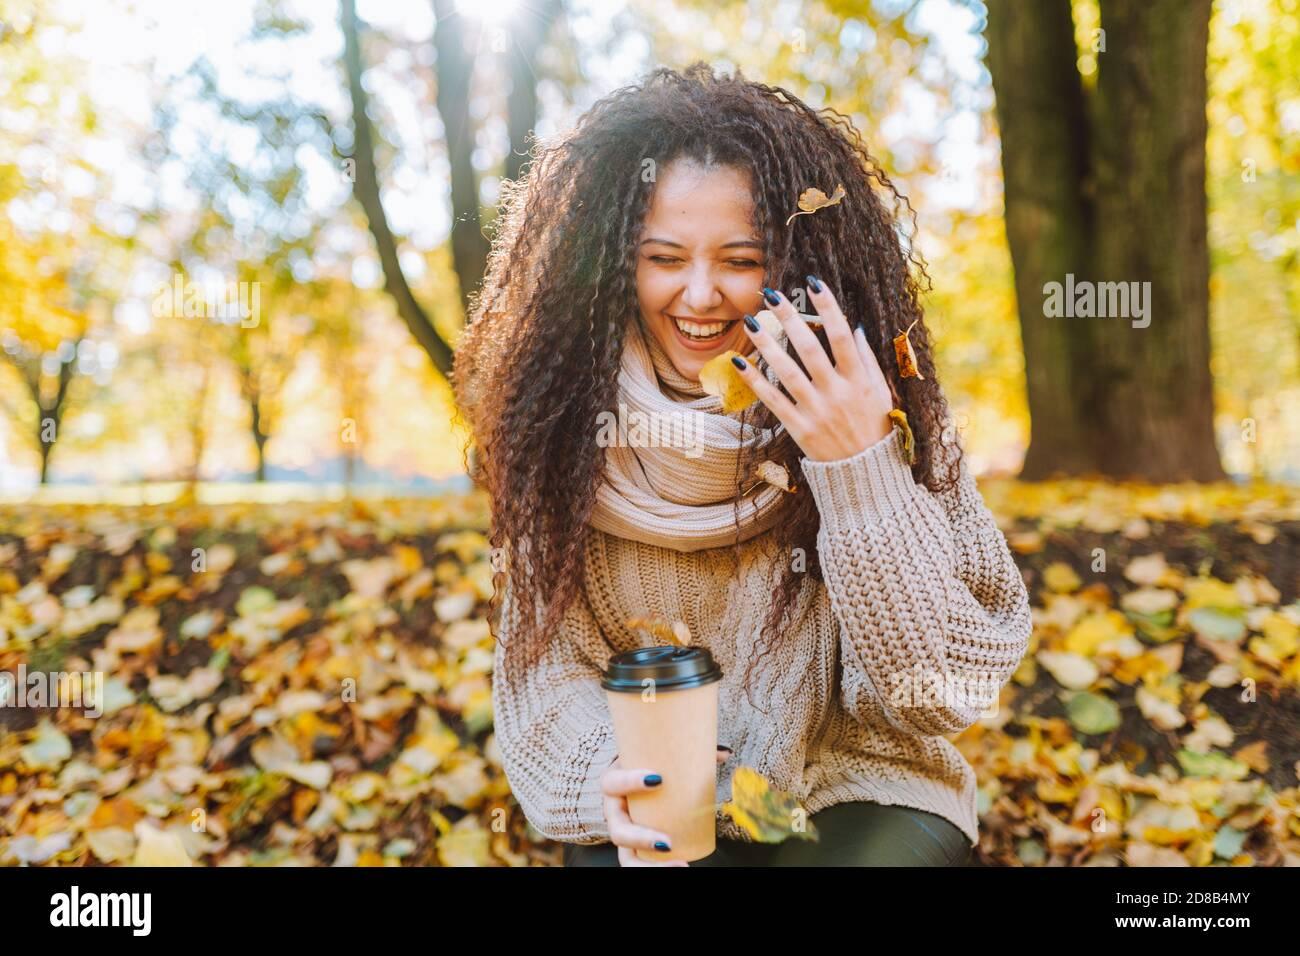 Positivo afro cabello mujer con hermosa sonrisa usando Jersey de punto y la bufanda tiran hojas amarillas de otoño en el parque al sol día Foto de stock